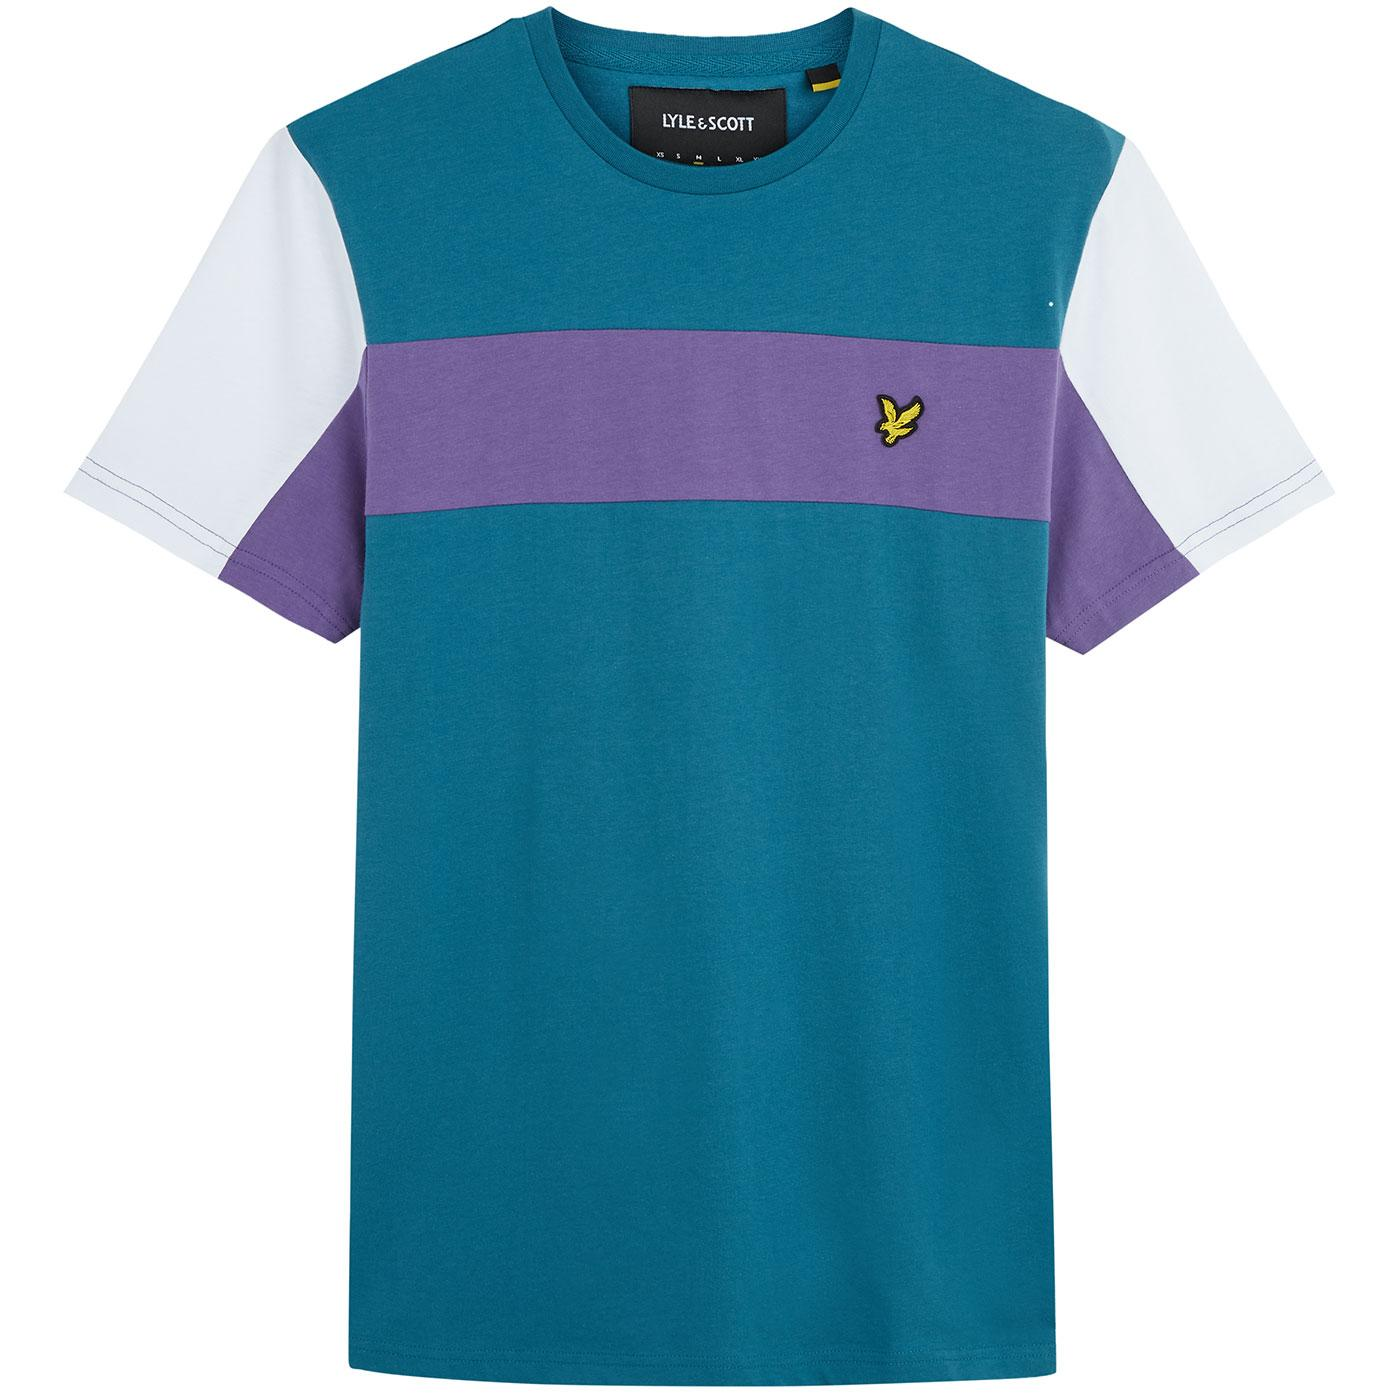 LYLE & SCOTT Retro Colour Block Panel T-shirt PT